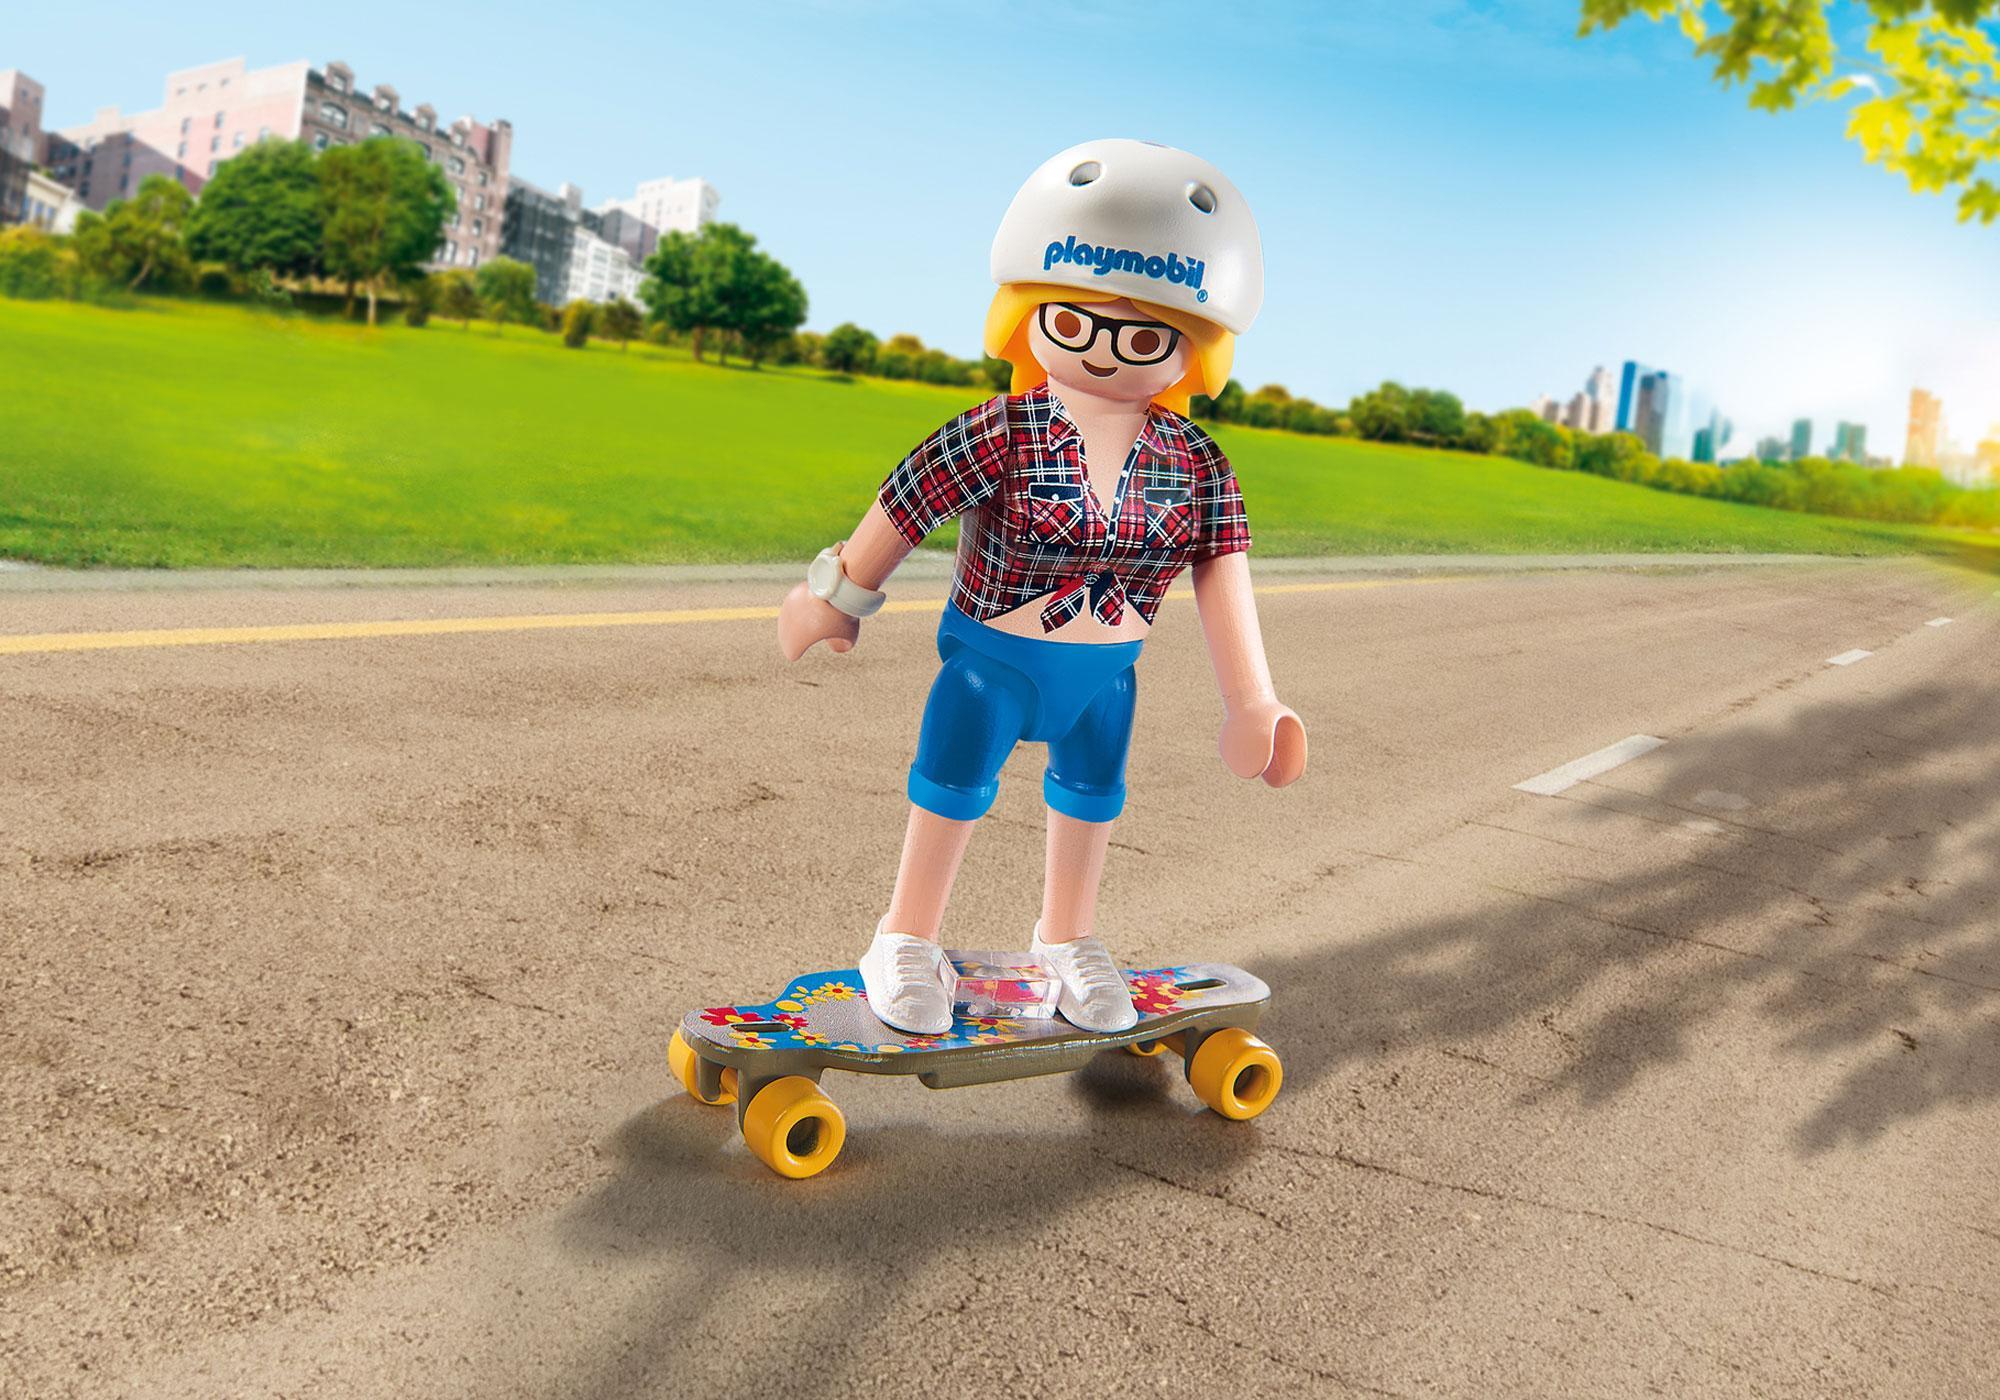 http://media.playmobil.com/i/playmobil/9338_product_detail/Teenie mit Longboard